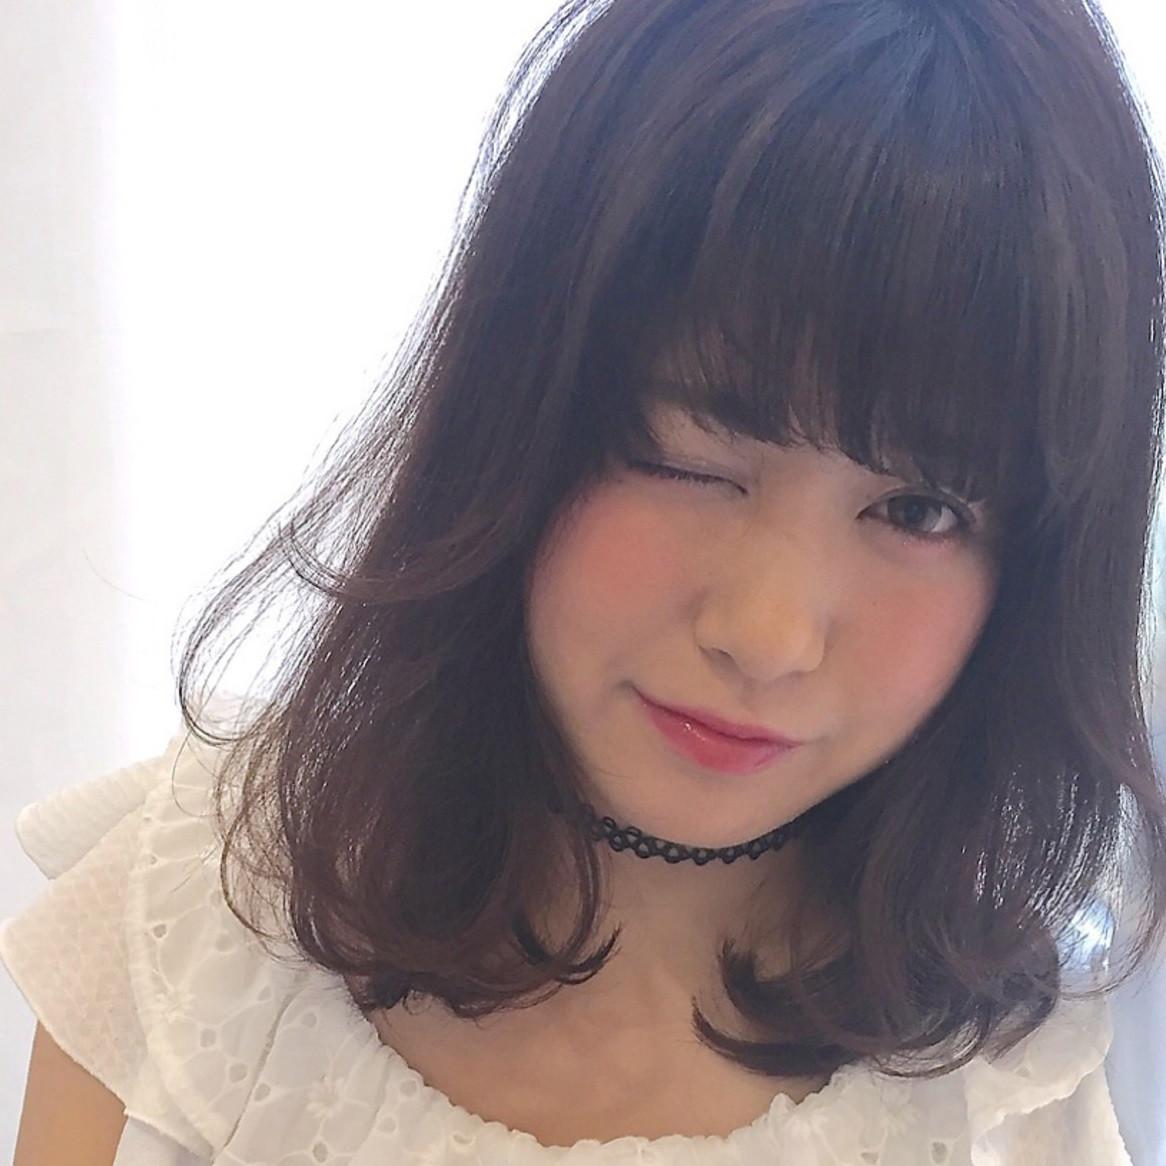 前髪アレンジ術「天使の羽バング」でおフェロな雰囲気を振りまいて♡